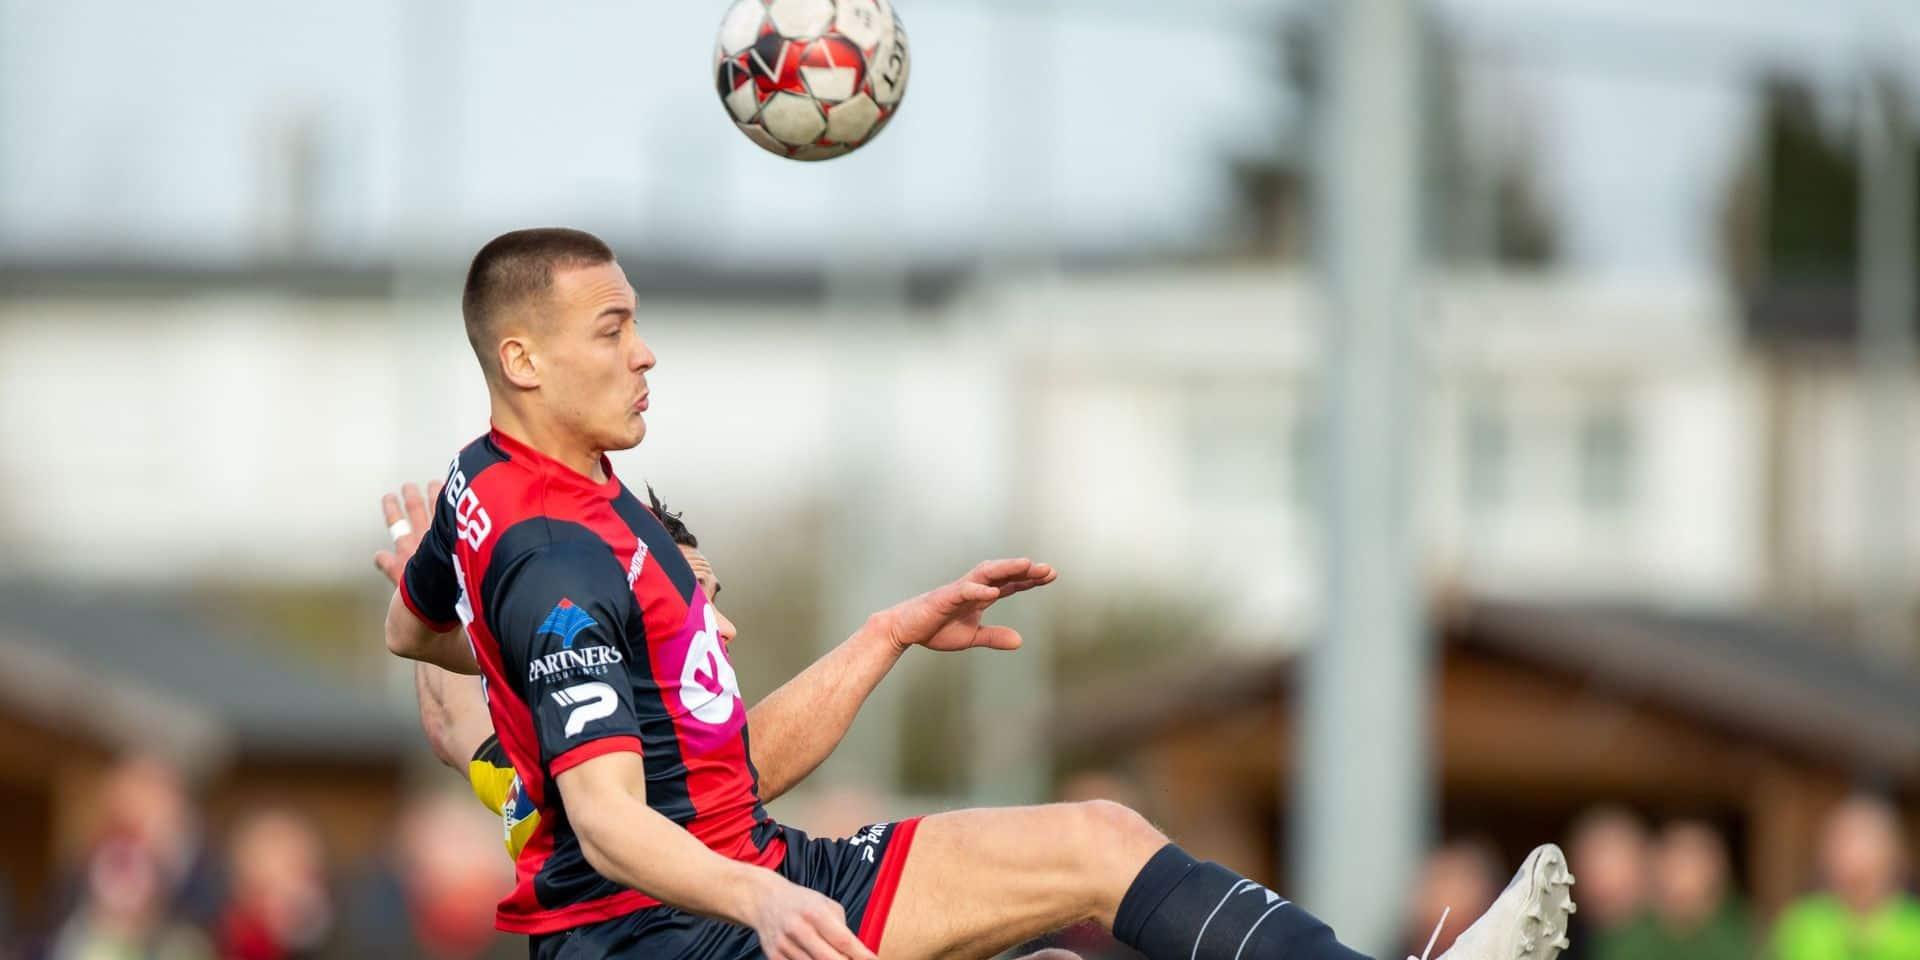 Le RFC Liège a oublié l'ingrédient essentiel: marquer